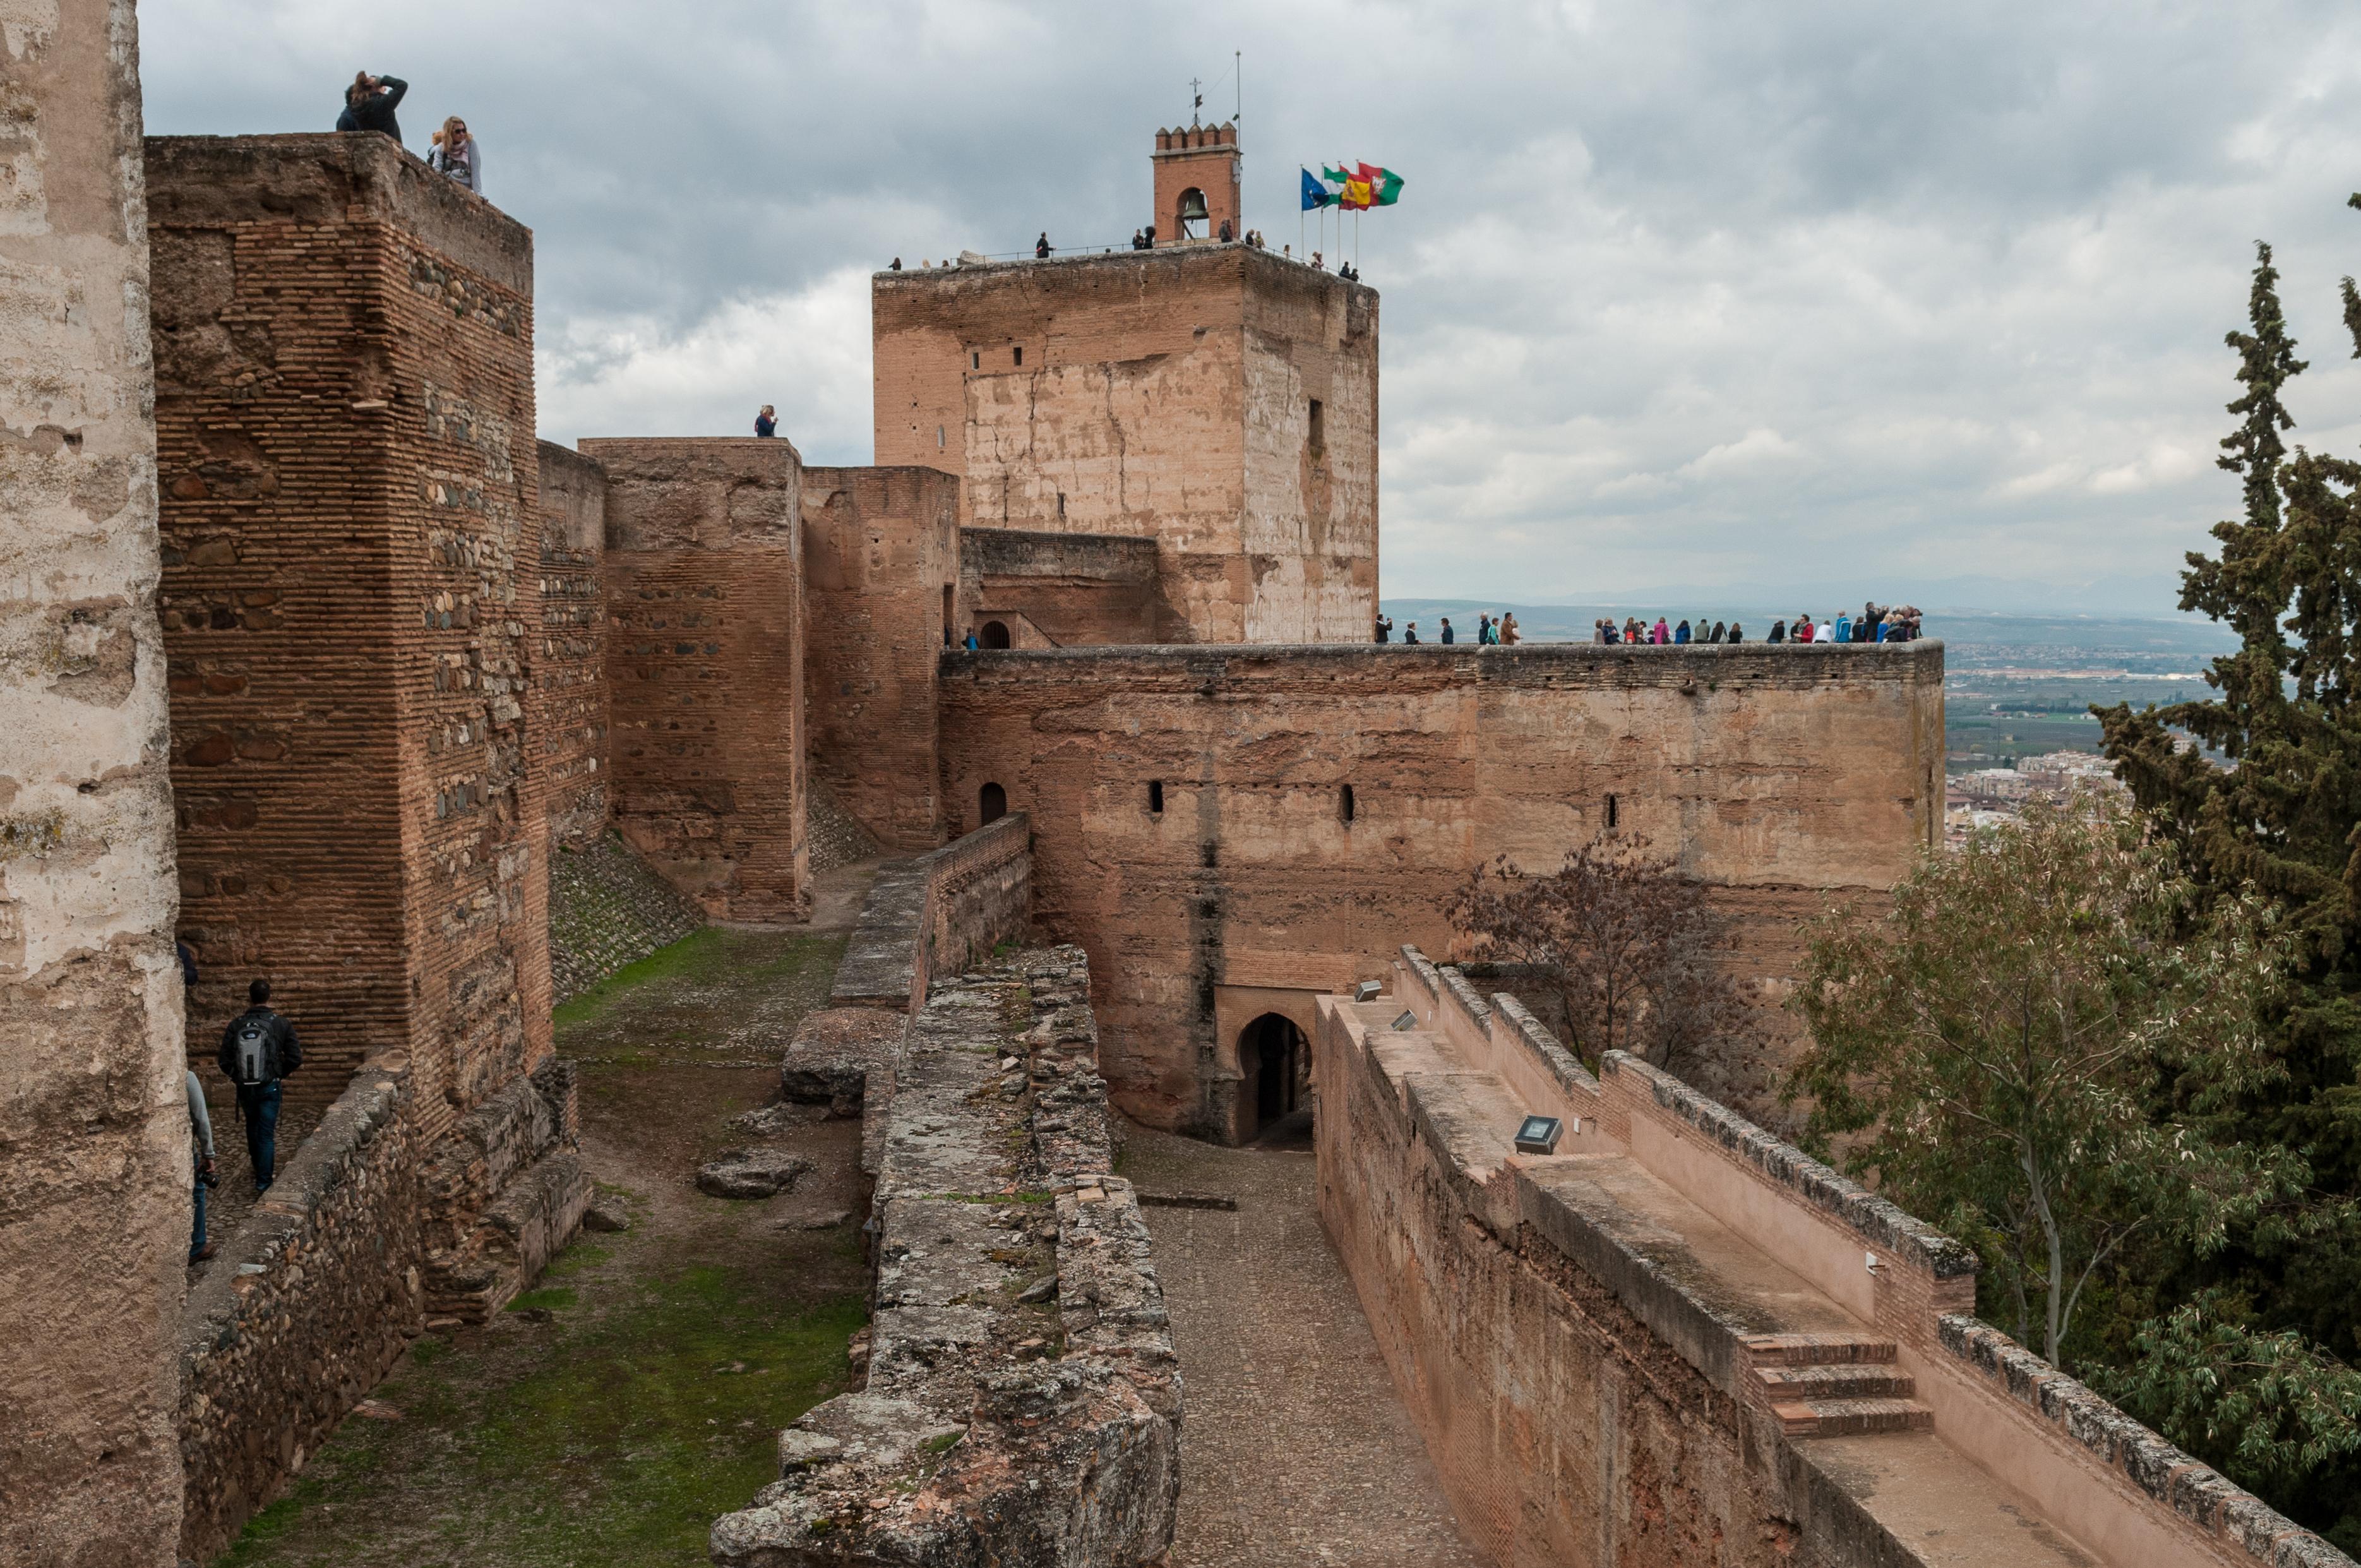 File:Alcazaba in Alhambra, Granada (7076755831).jpg - Wikimedia Commons